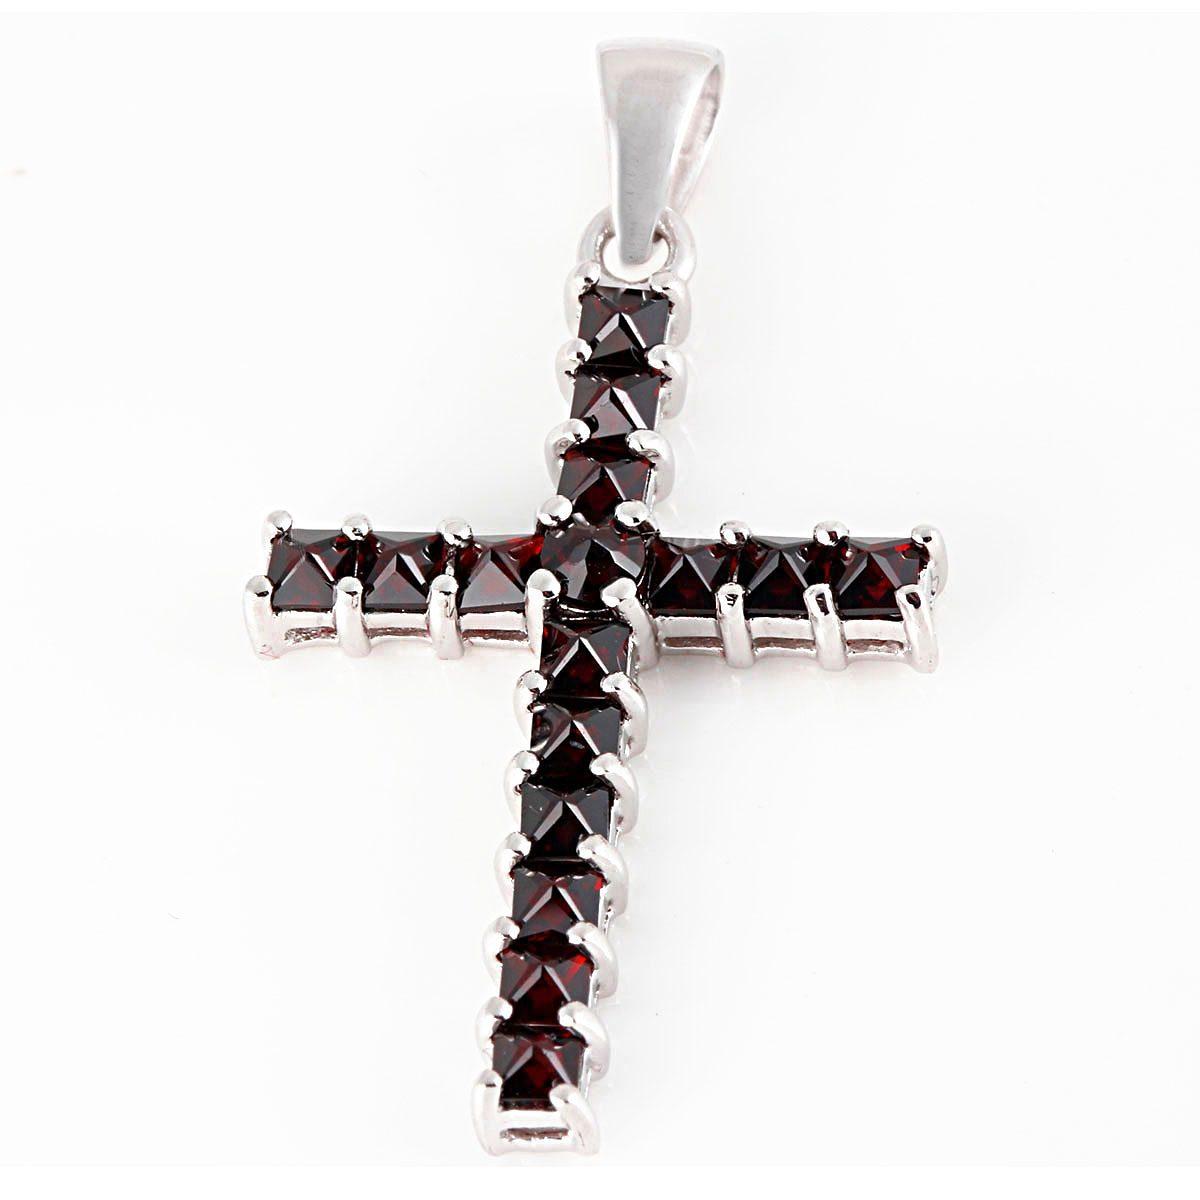 Averdin Kreuz Collier mit 16 Granat Steine